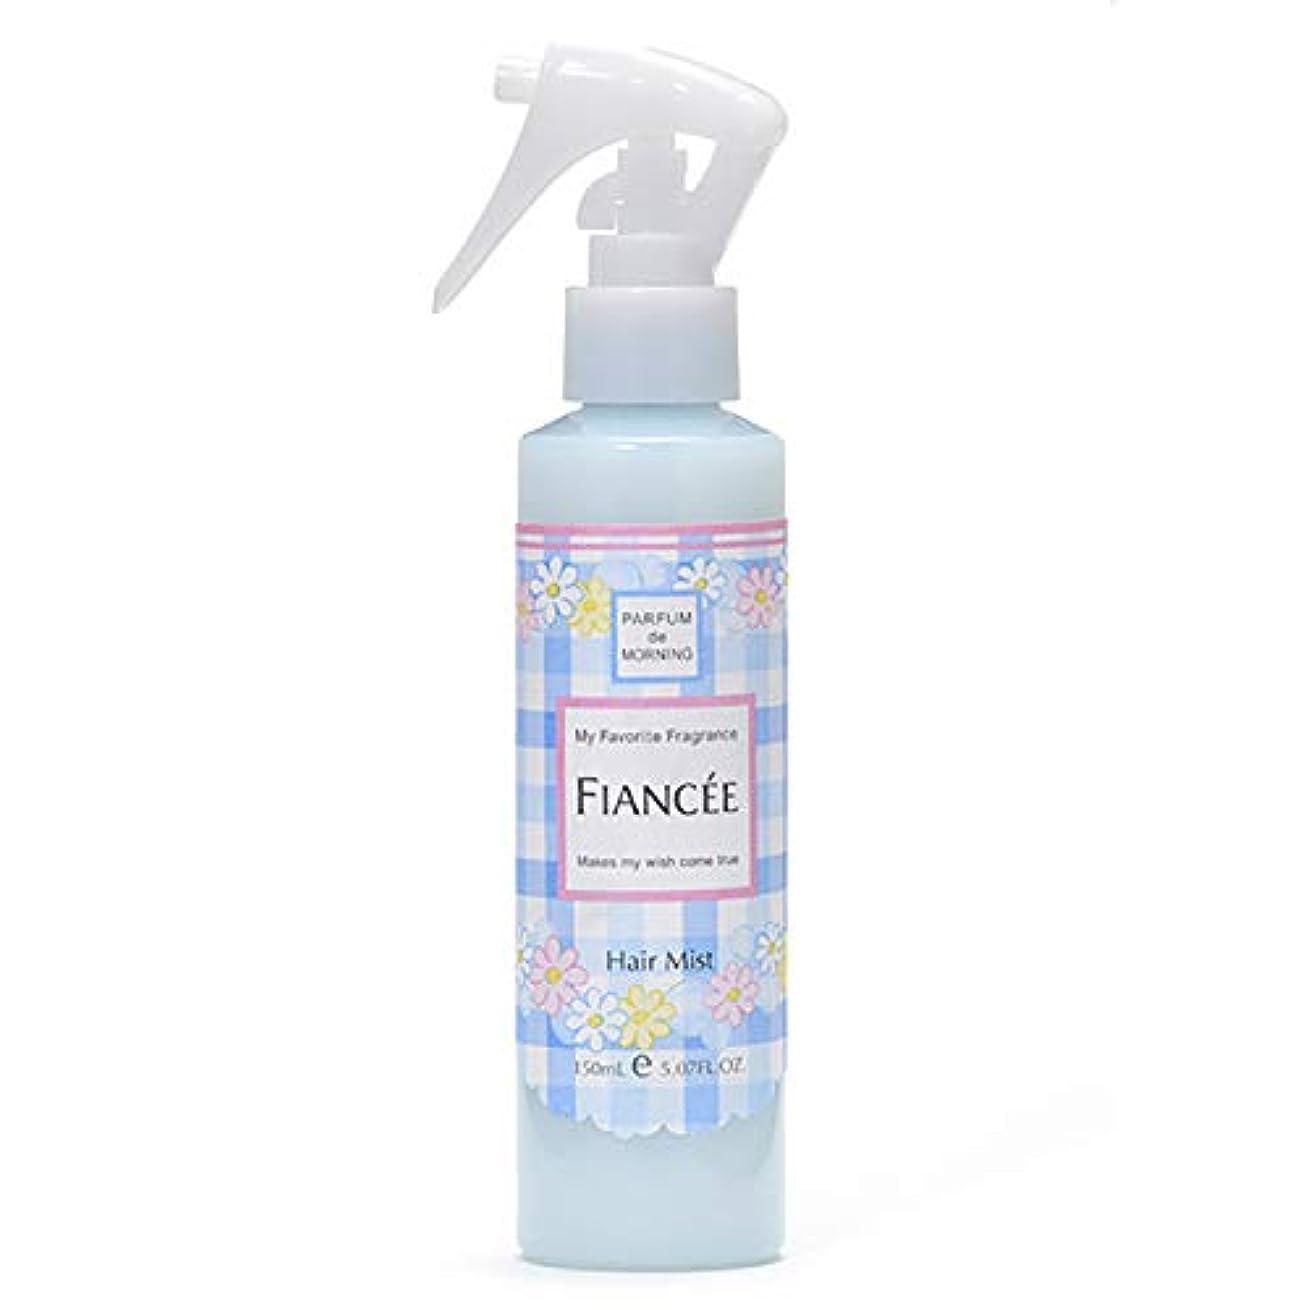 グレートオーク適度に化合物フィアンセ フレグランスヘアミスト はじまりの朝の香り 150ml